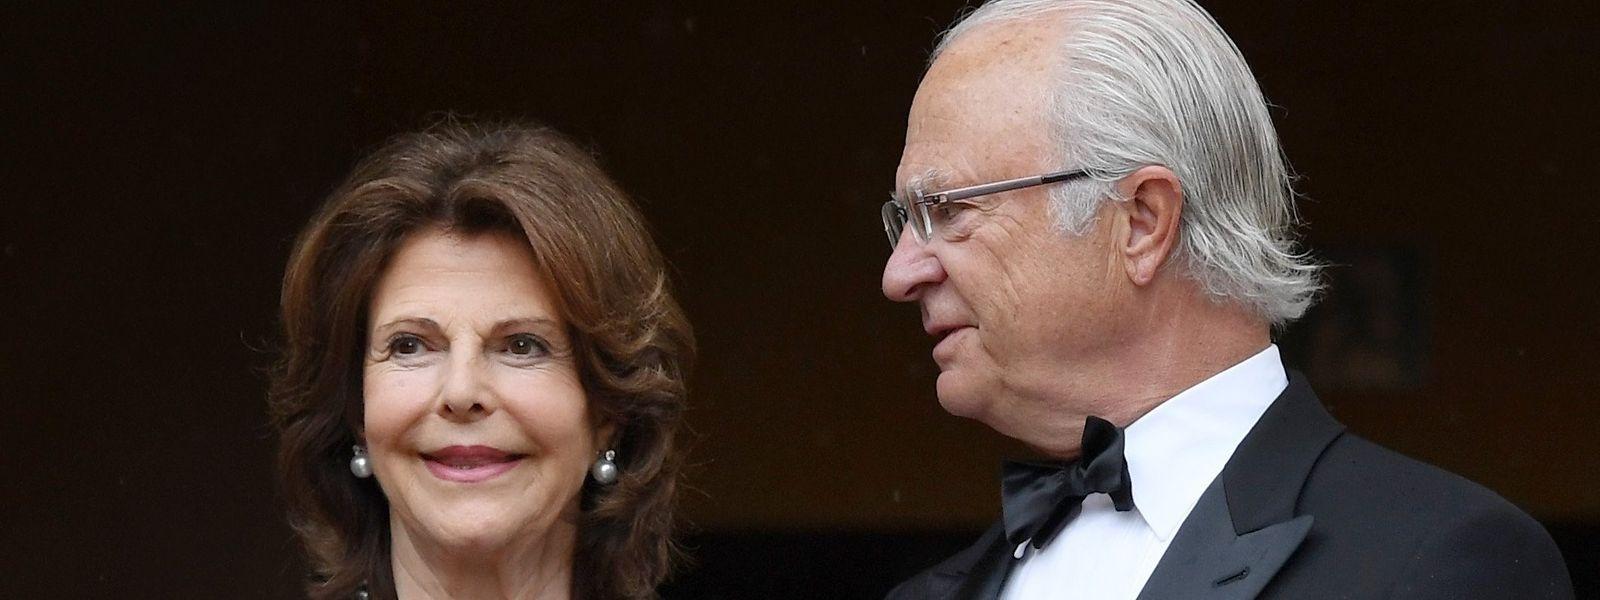 König Carl-Gustaf und seine Frau Silvia gehen schon viele Jahre gemeinsam durch Höhen und Tiefen. Am 30. April feiert der Monarch seinen 75. Geburtstag.